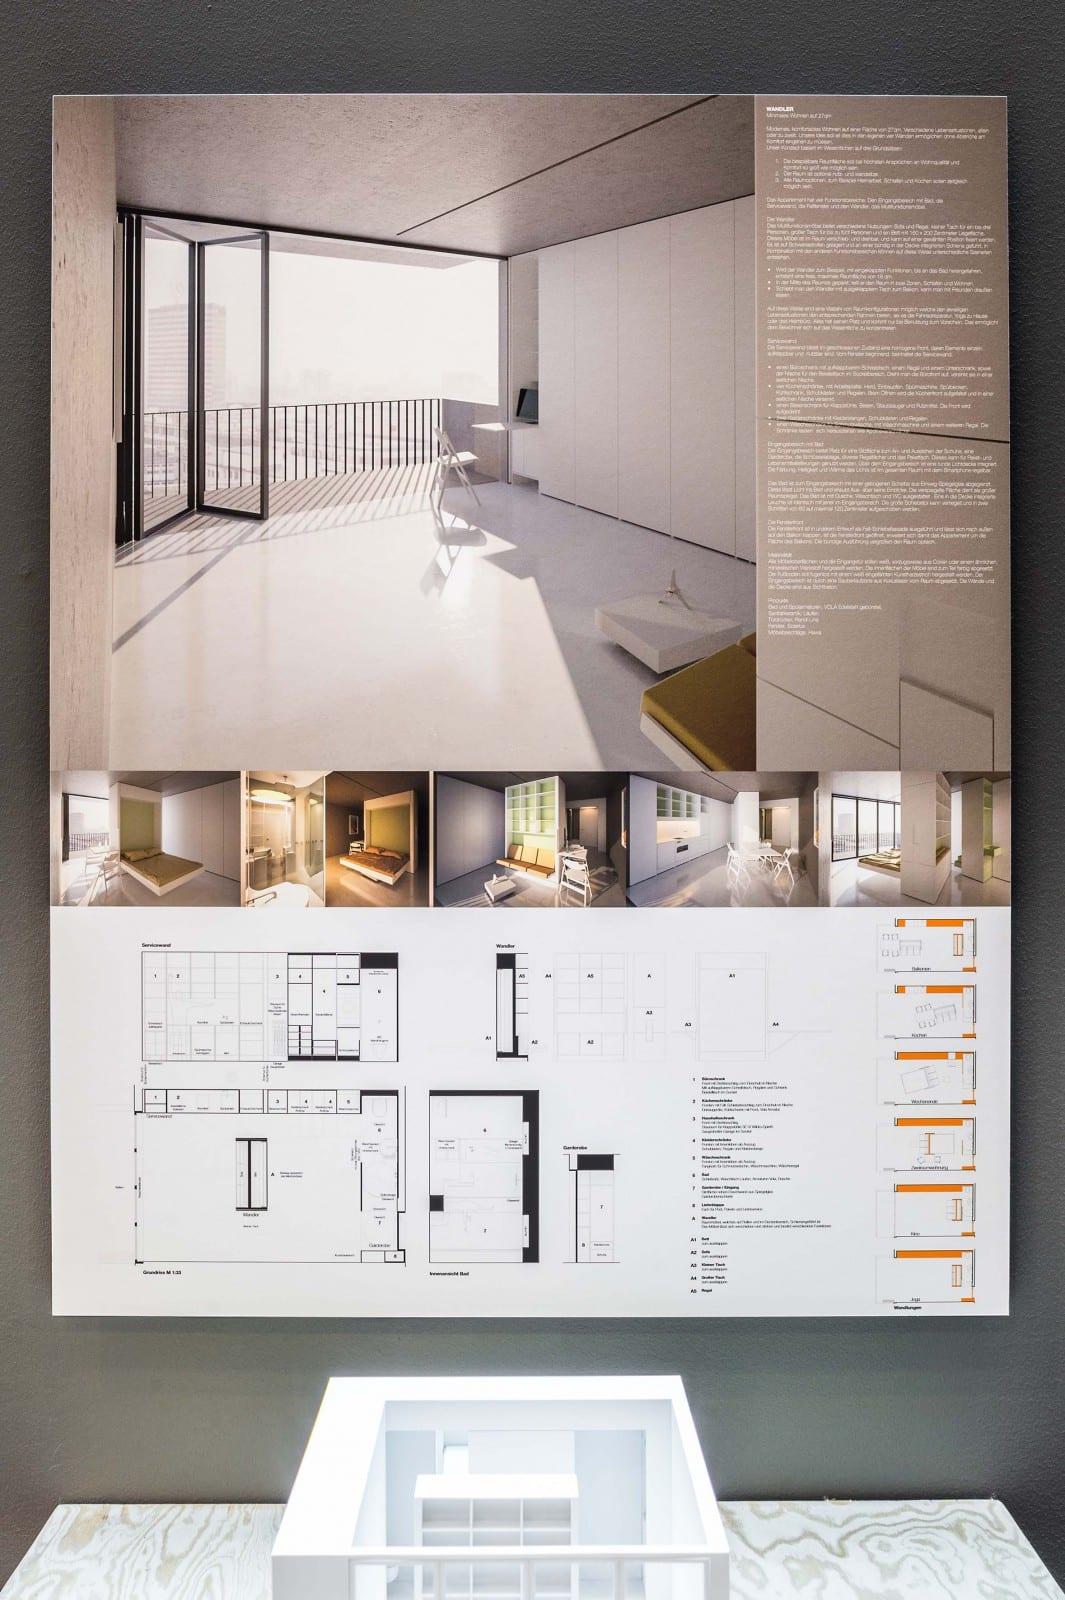 Architekturbüros In Berlin mikrowohnen auf 27 qm berliner architekten entwickeln platzsparende